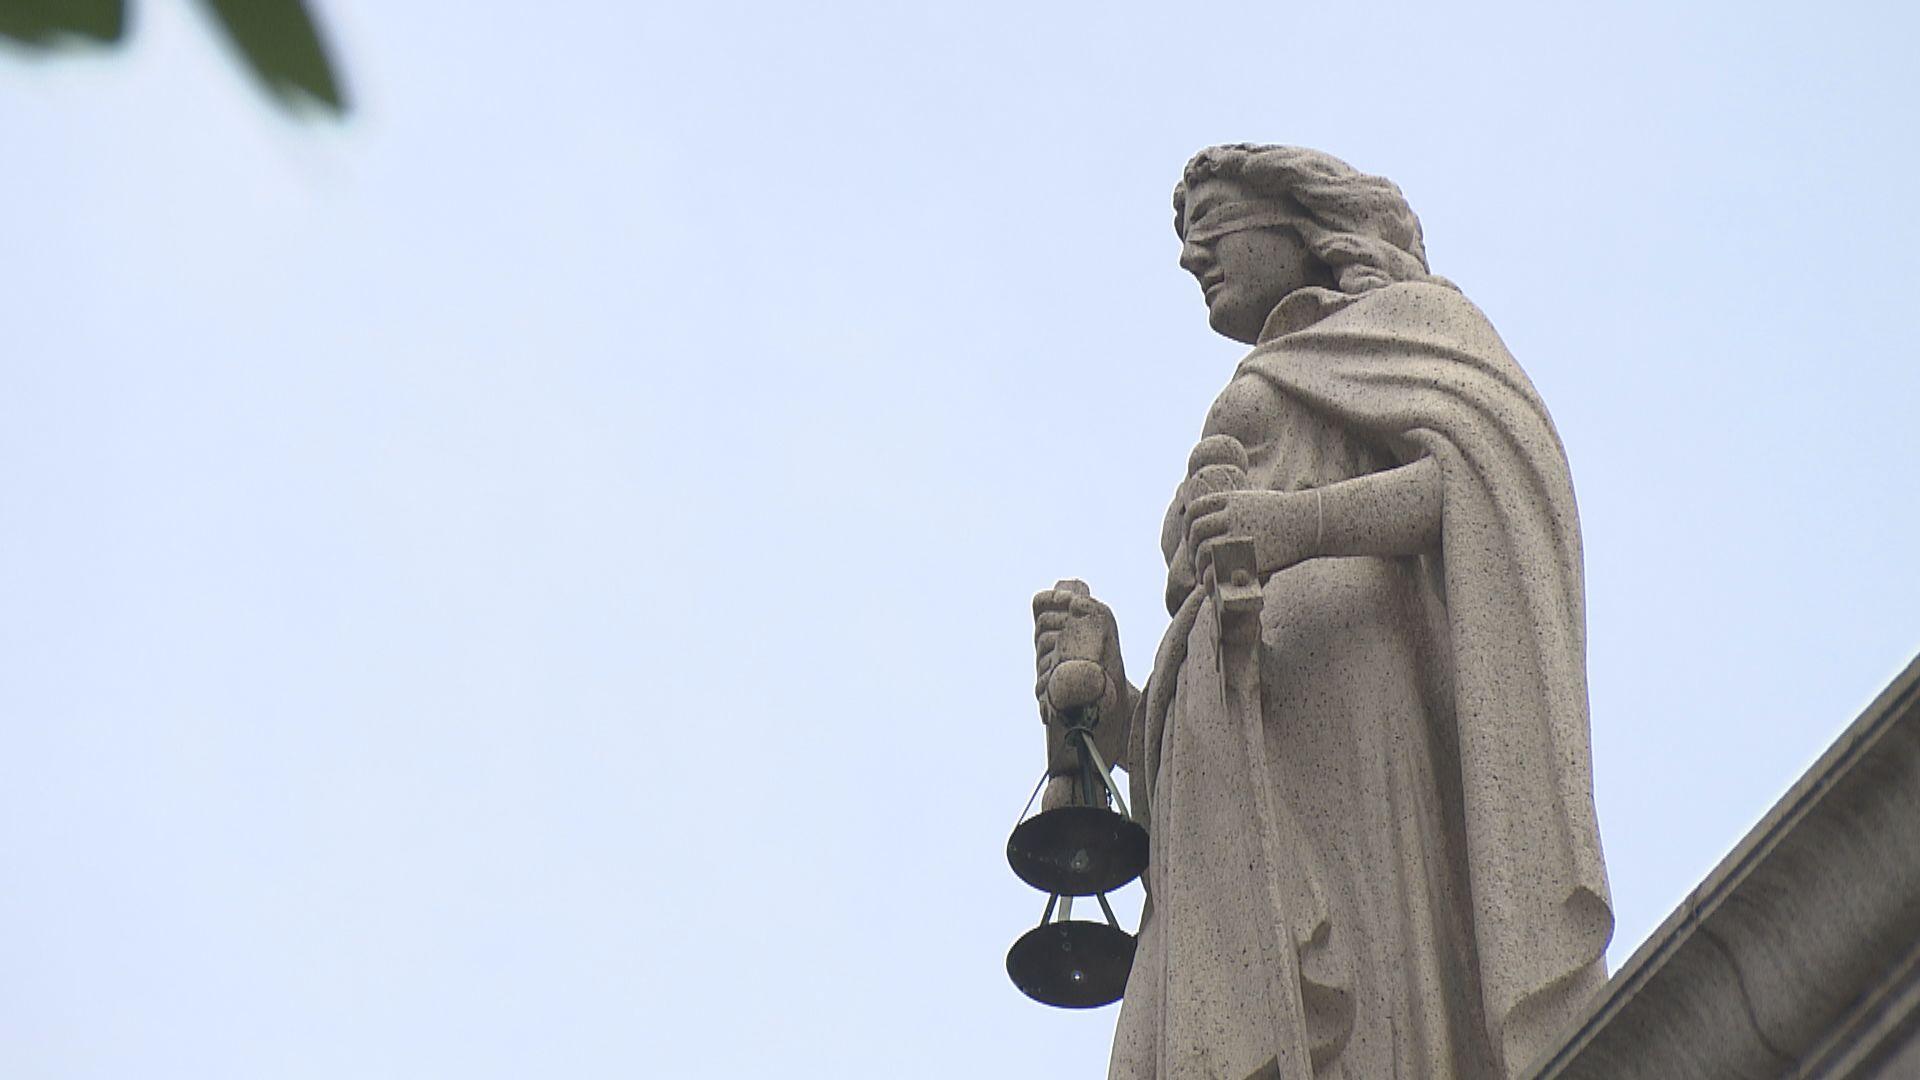 法院審禁蒙面法 申請人:緊急法權力如核能無法控制